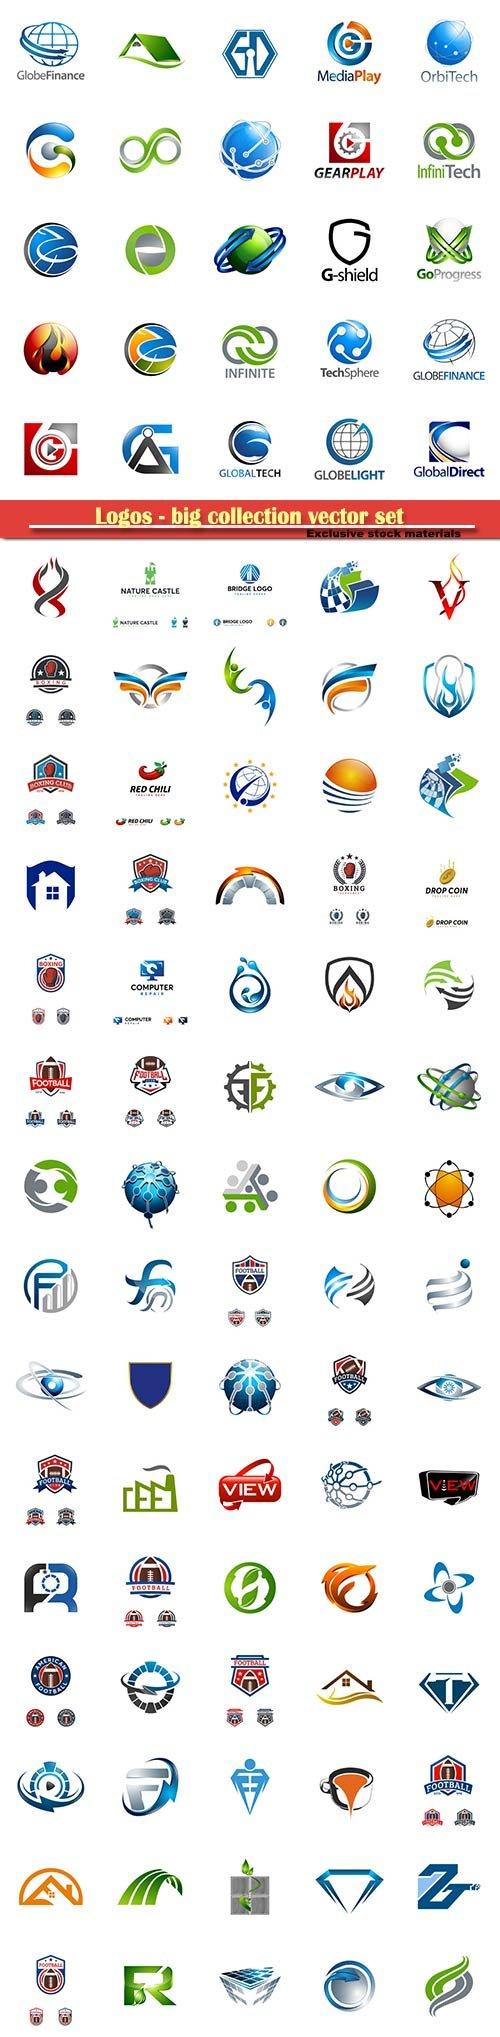 Logos - big collection vector set # 2